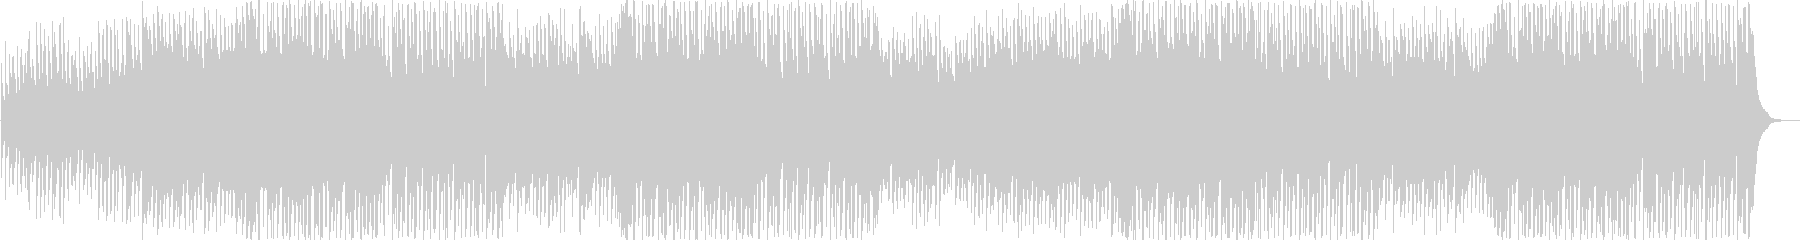 流行のコンセプトムービーBGMサウンド⑤の未再生の波形